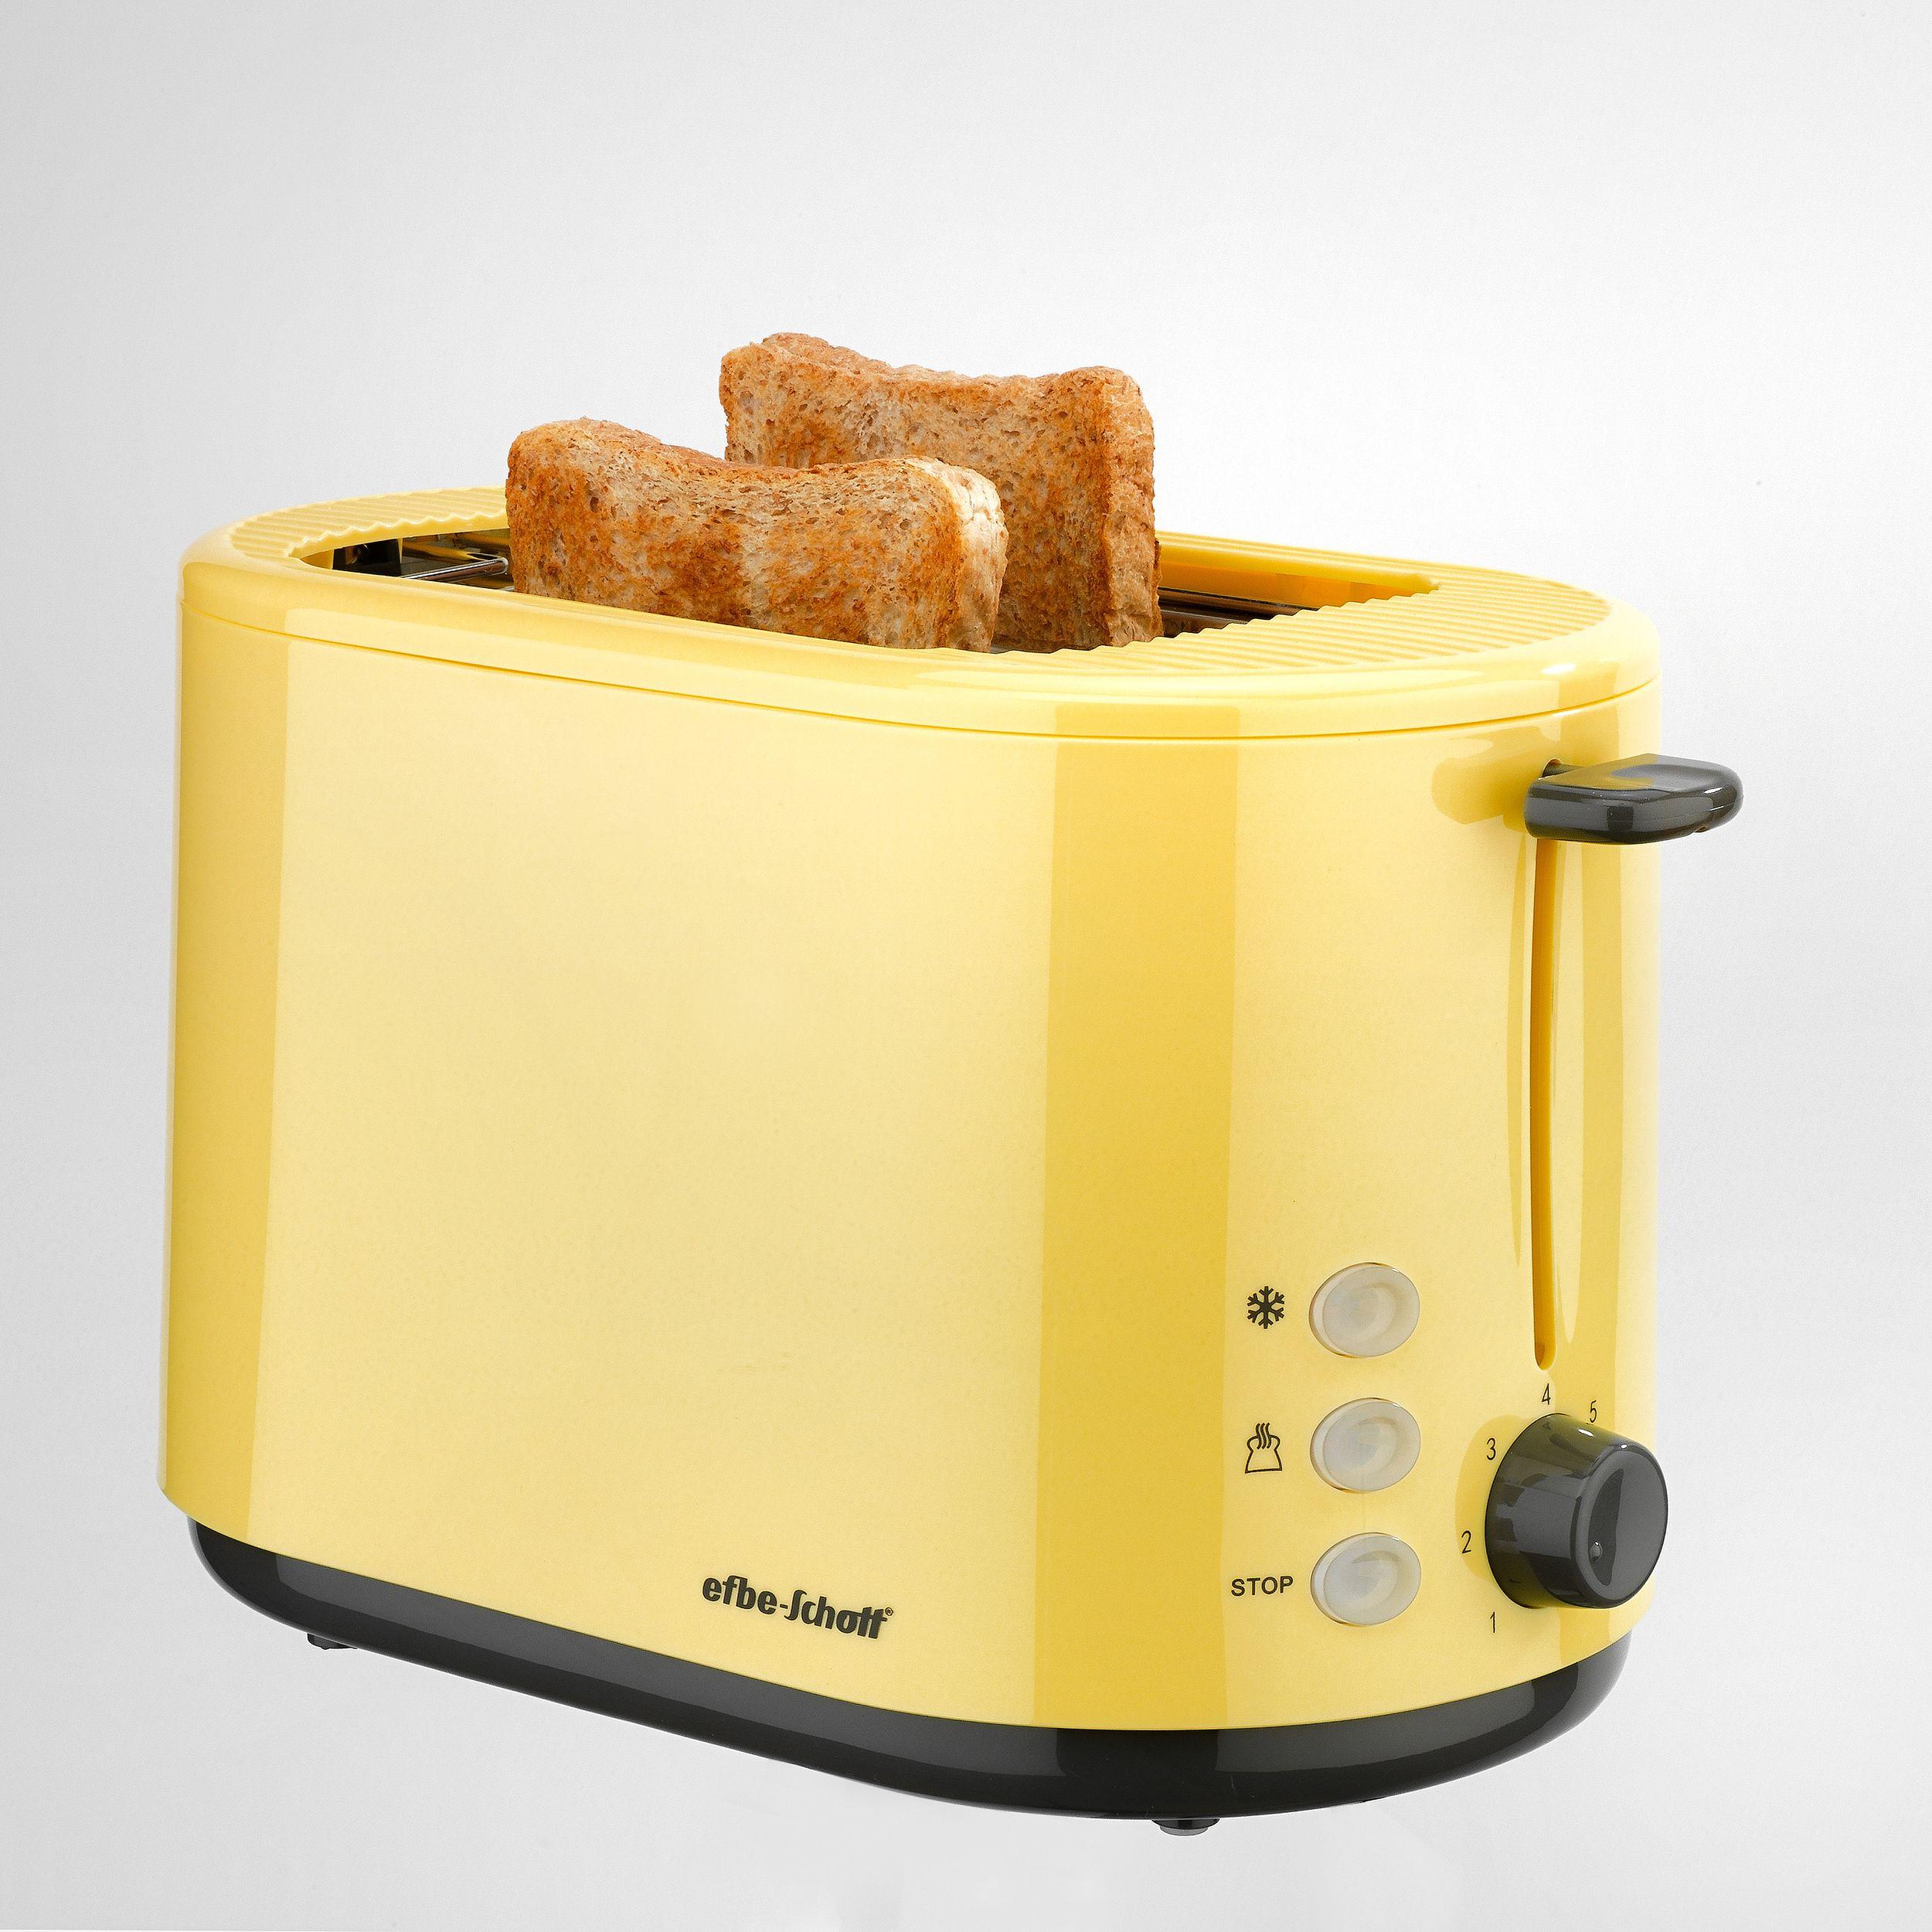 2-Scheiben-Toaster SC TO 1080.1 GLB Sahara gelb (Karton beschädigt)*16224 002